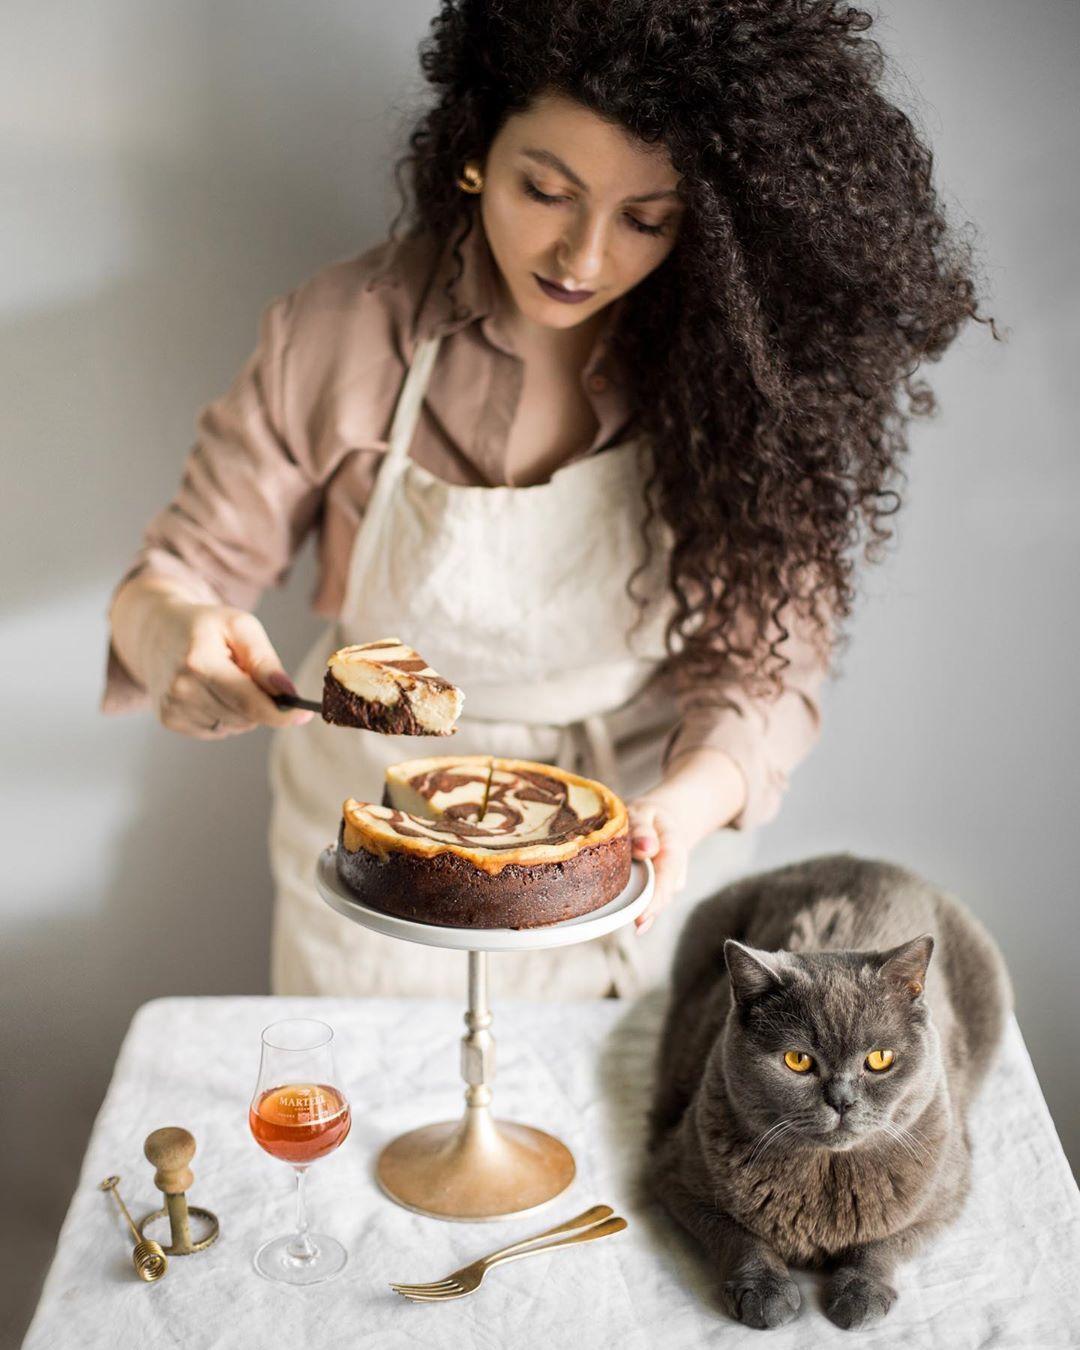 宠物-这位漂亮的美女蛋糕师,让猫咪来为蛋糕代言,将平淡无奇的蛋糕化腐朽为神奇(51)